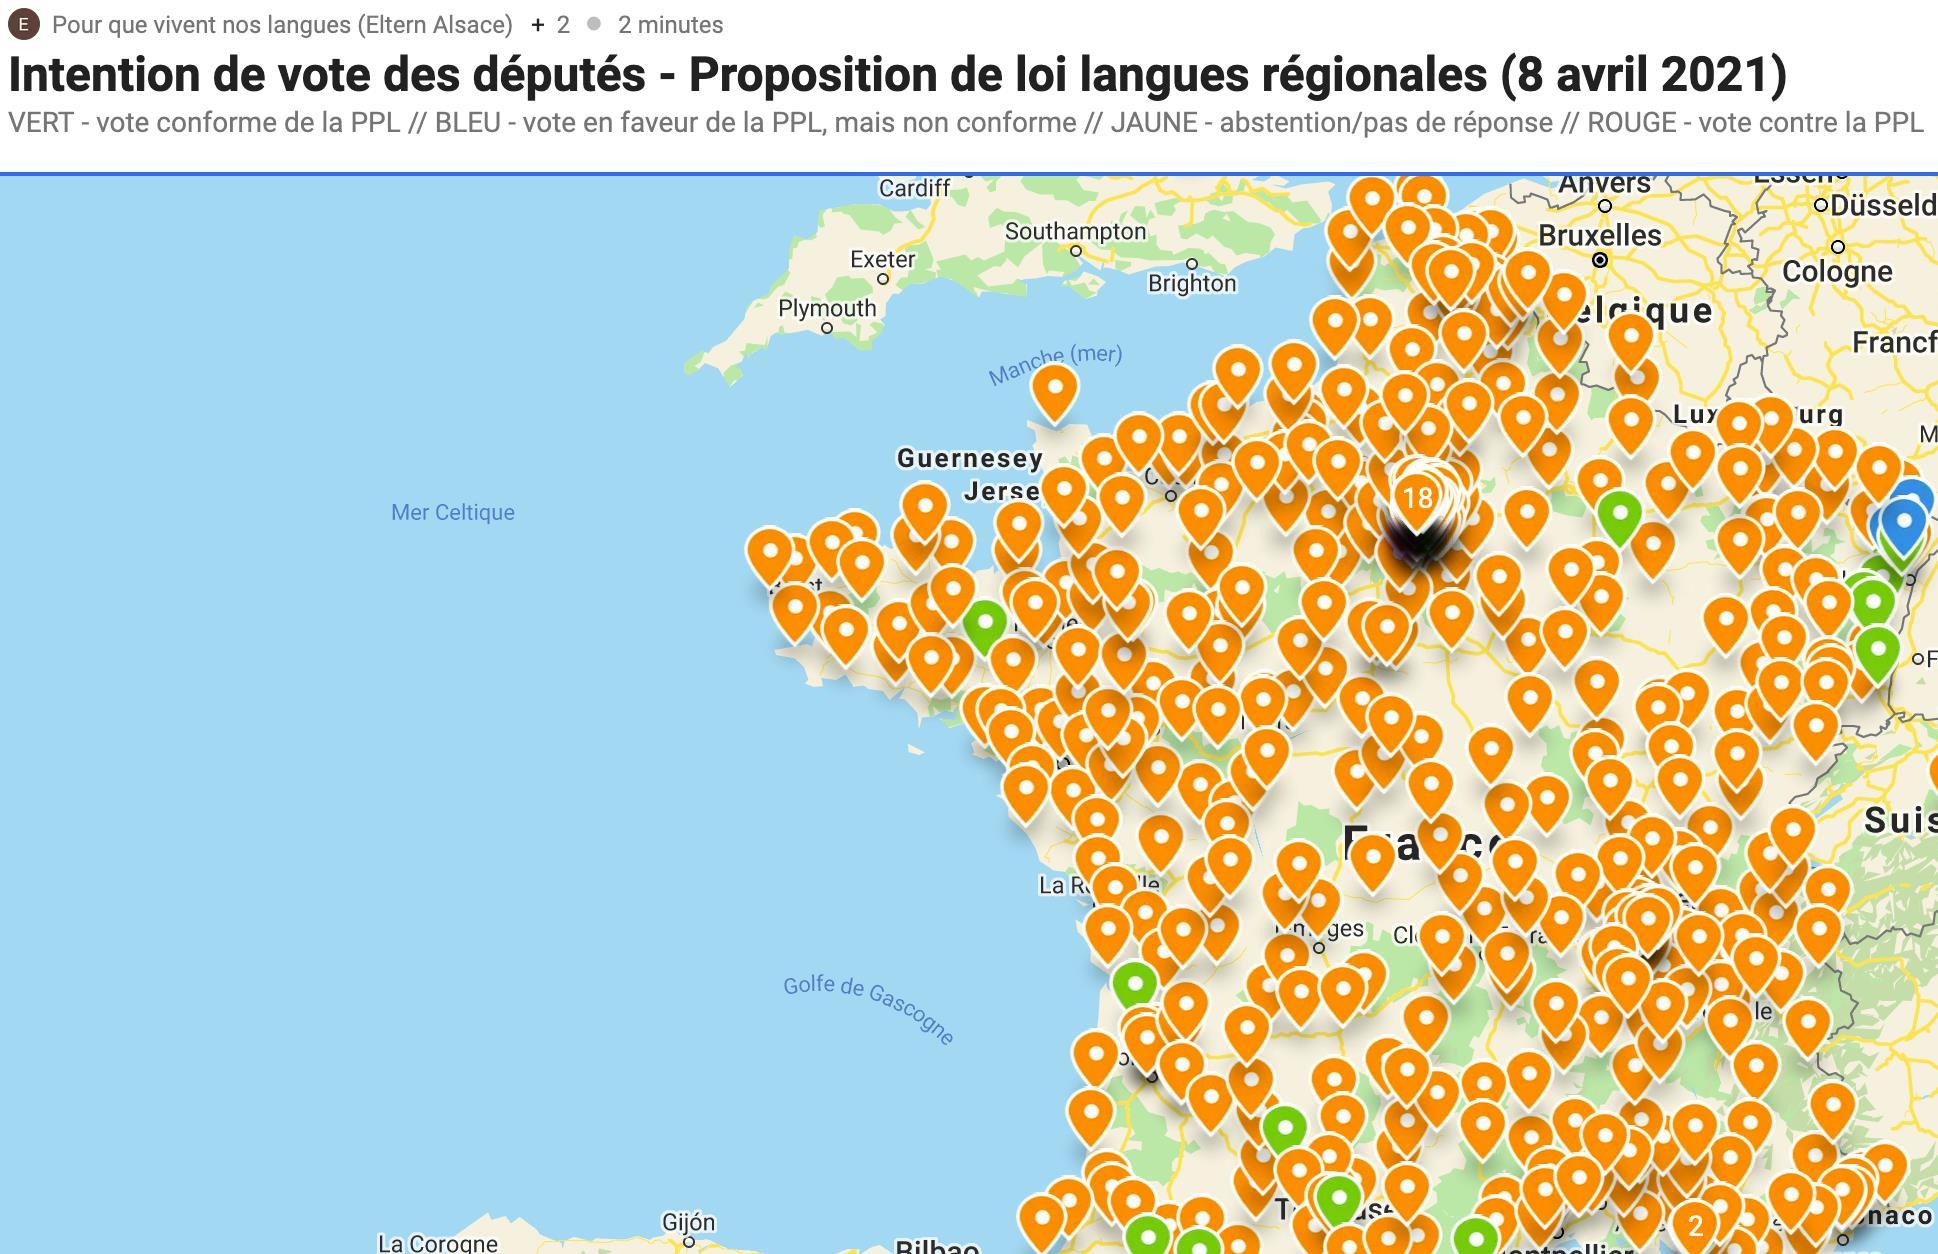 Proposition de loi sur les langues régionales le 8/04/2021 : interpellez votre député !